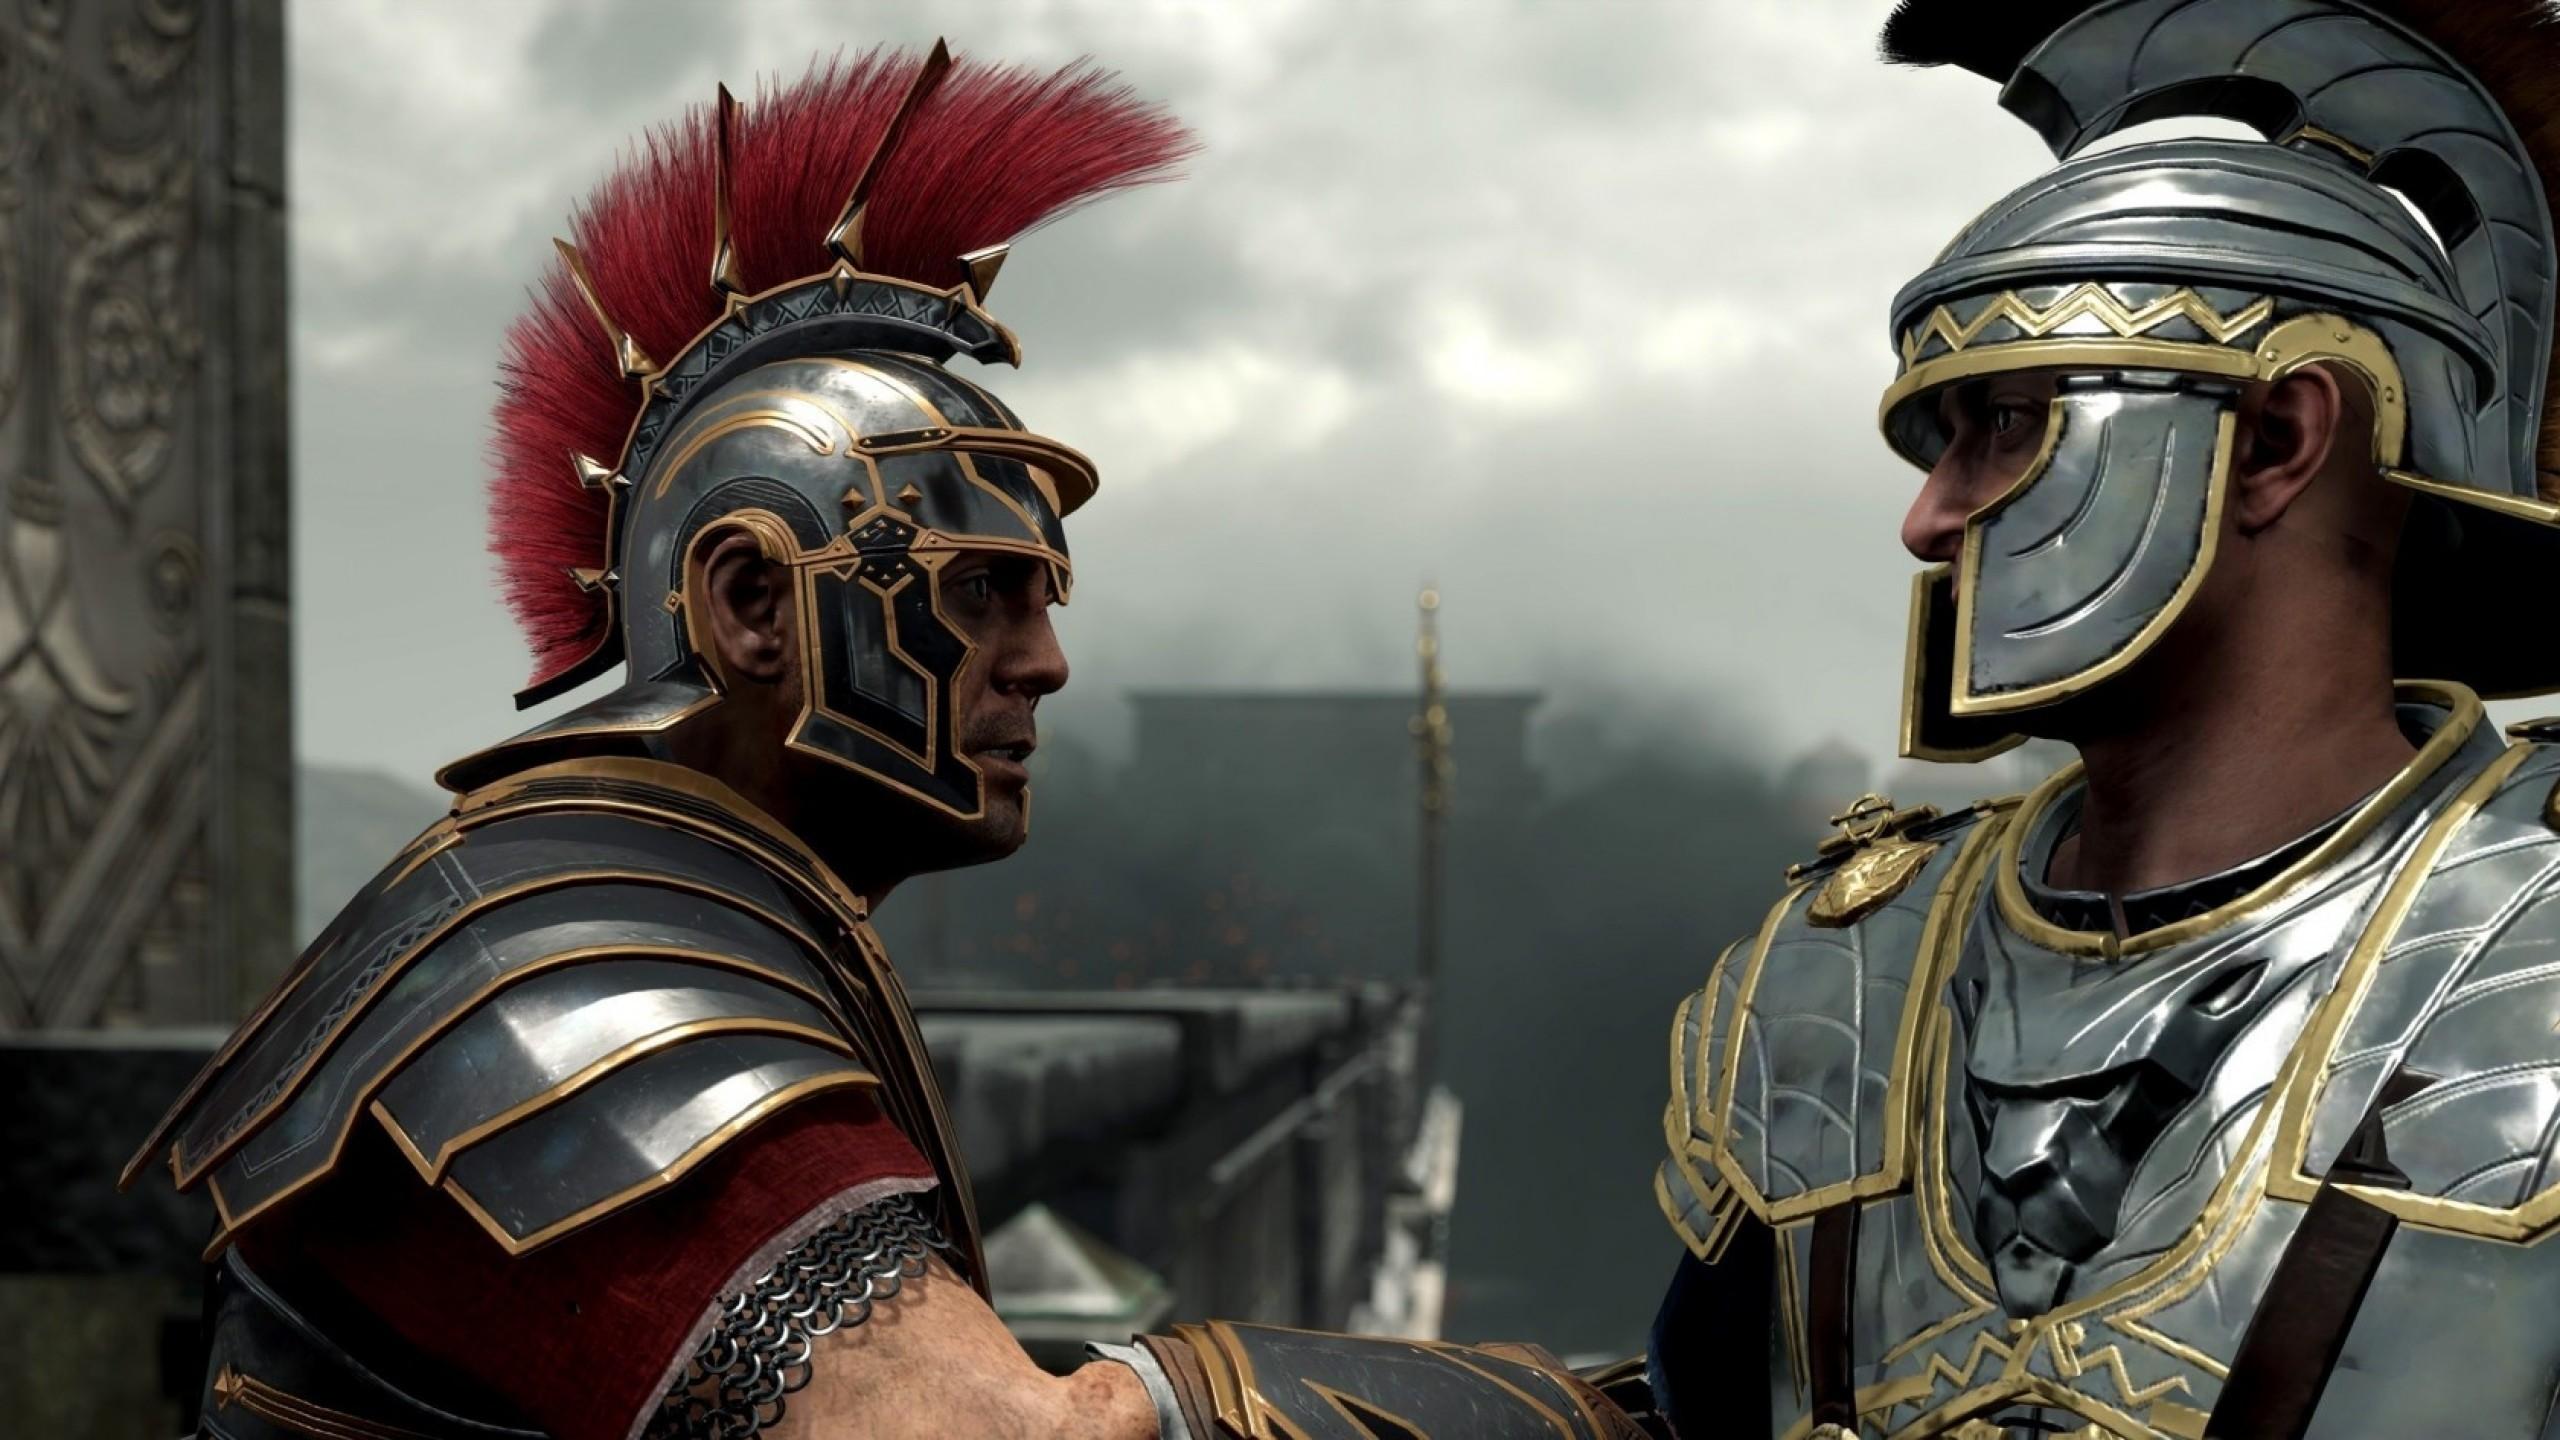 Wallpaper ryse son of rome, general marius titus, warriors,  legionnaires, rome